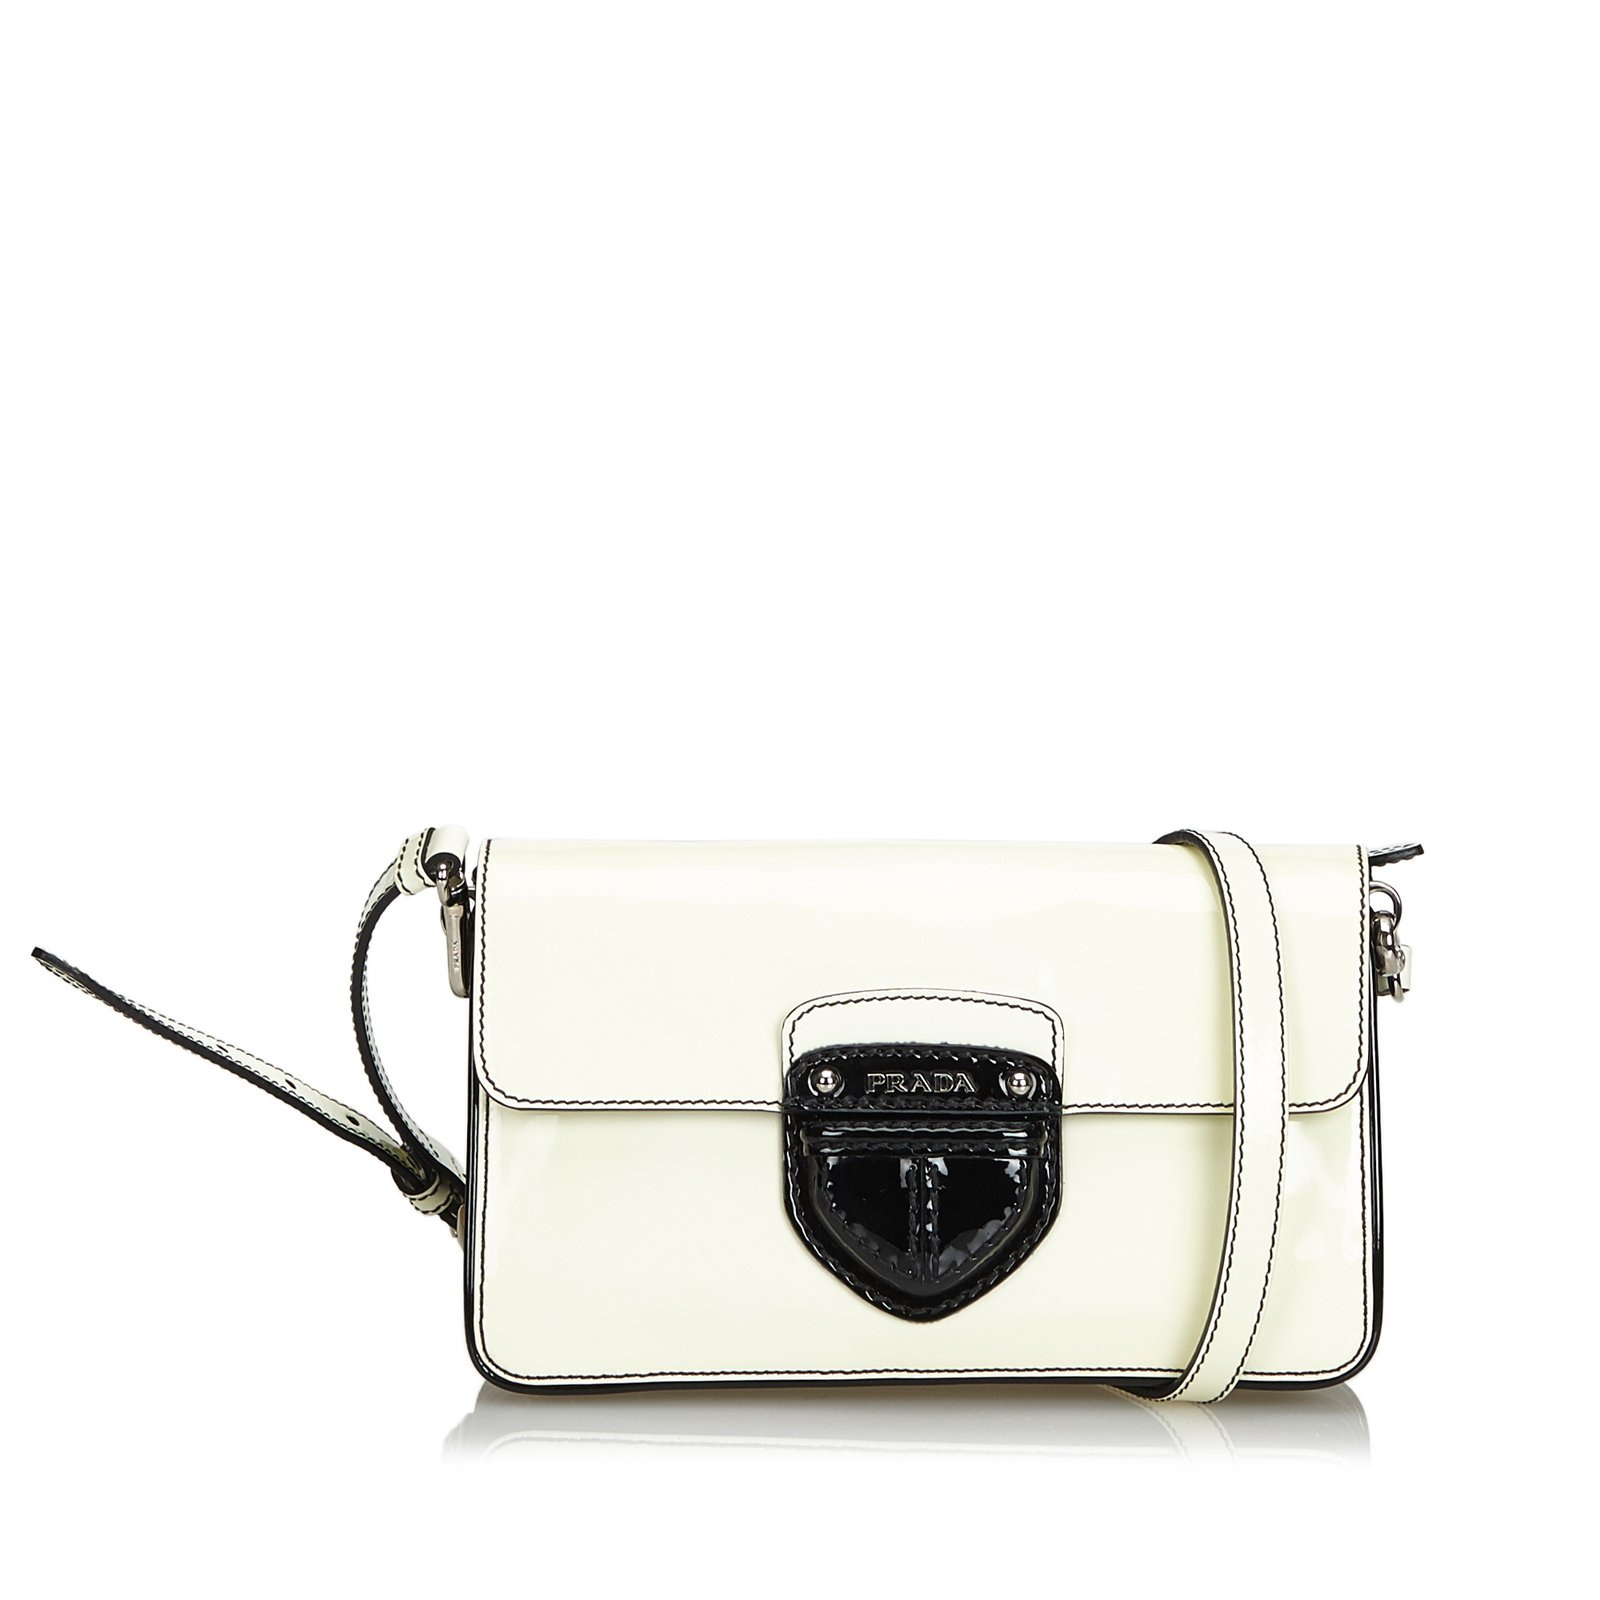 a0d8983b34e388 Prada Patent Leather Crossbody Bag Handbags Leather,Patent leather  Black,White ref.104845